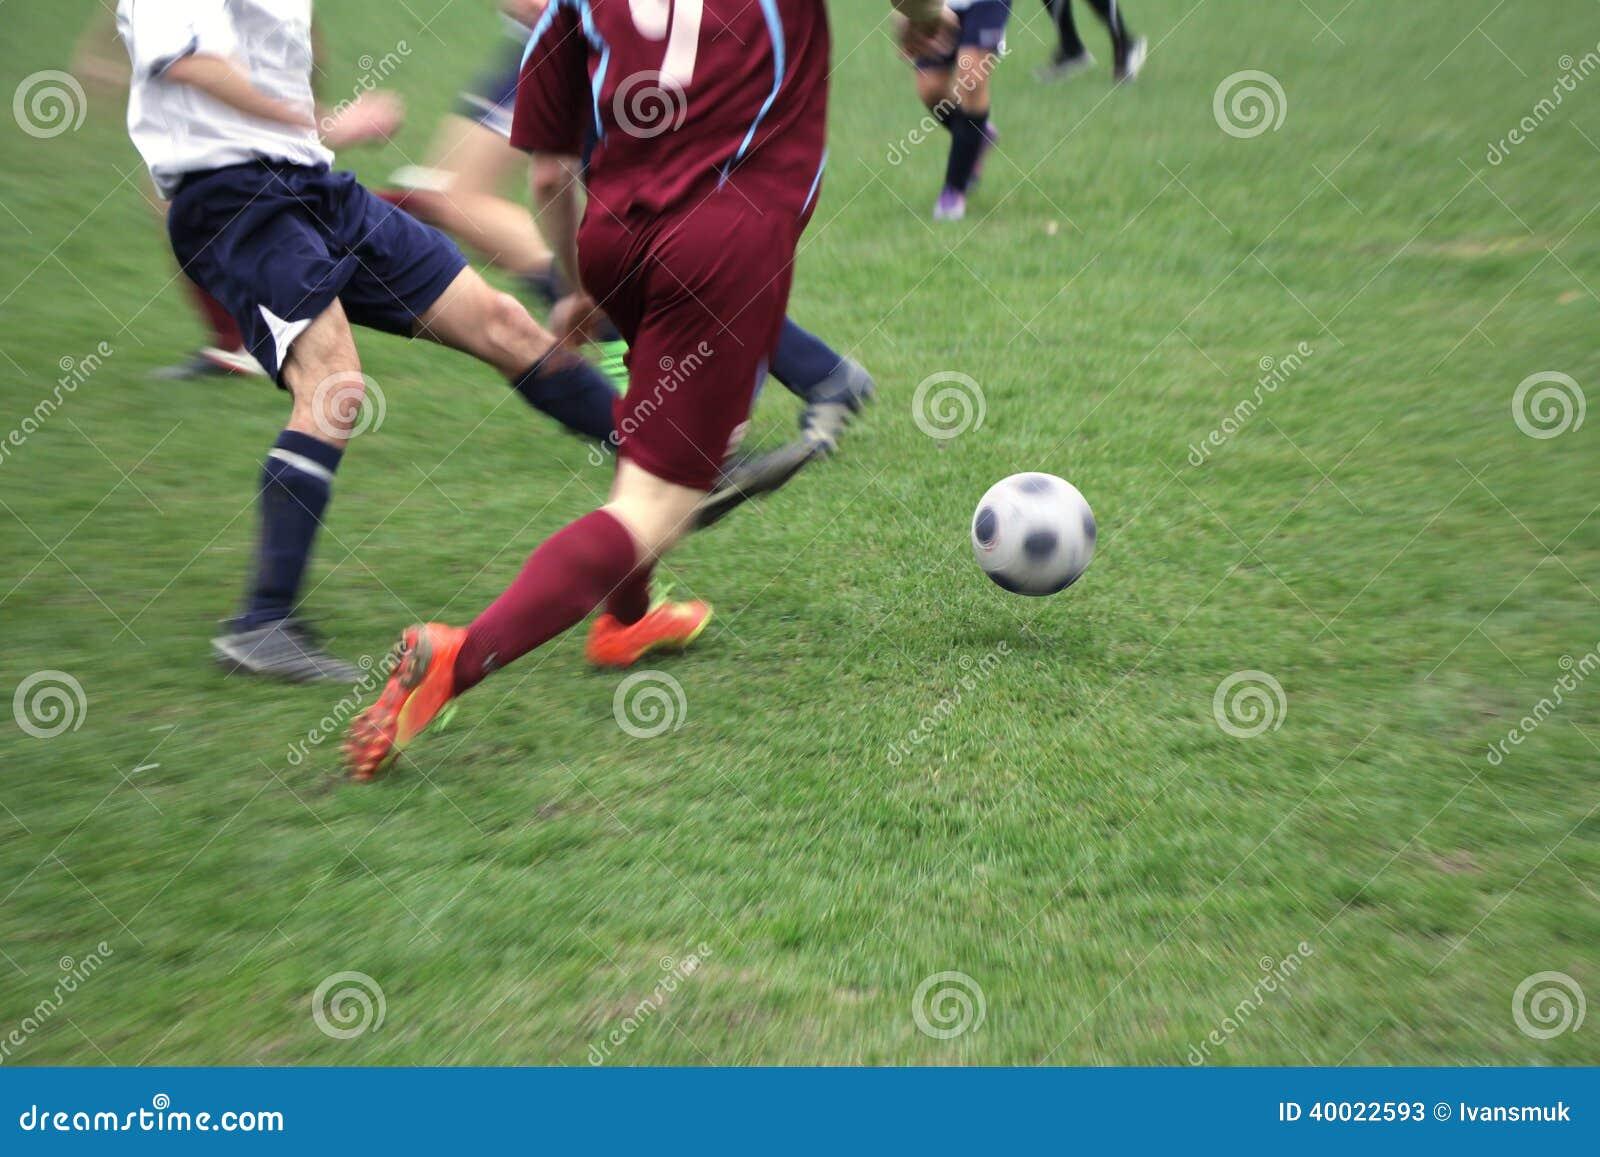 Fotboll eller fotboll